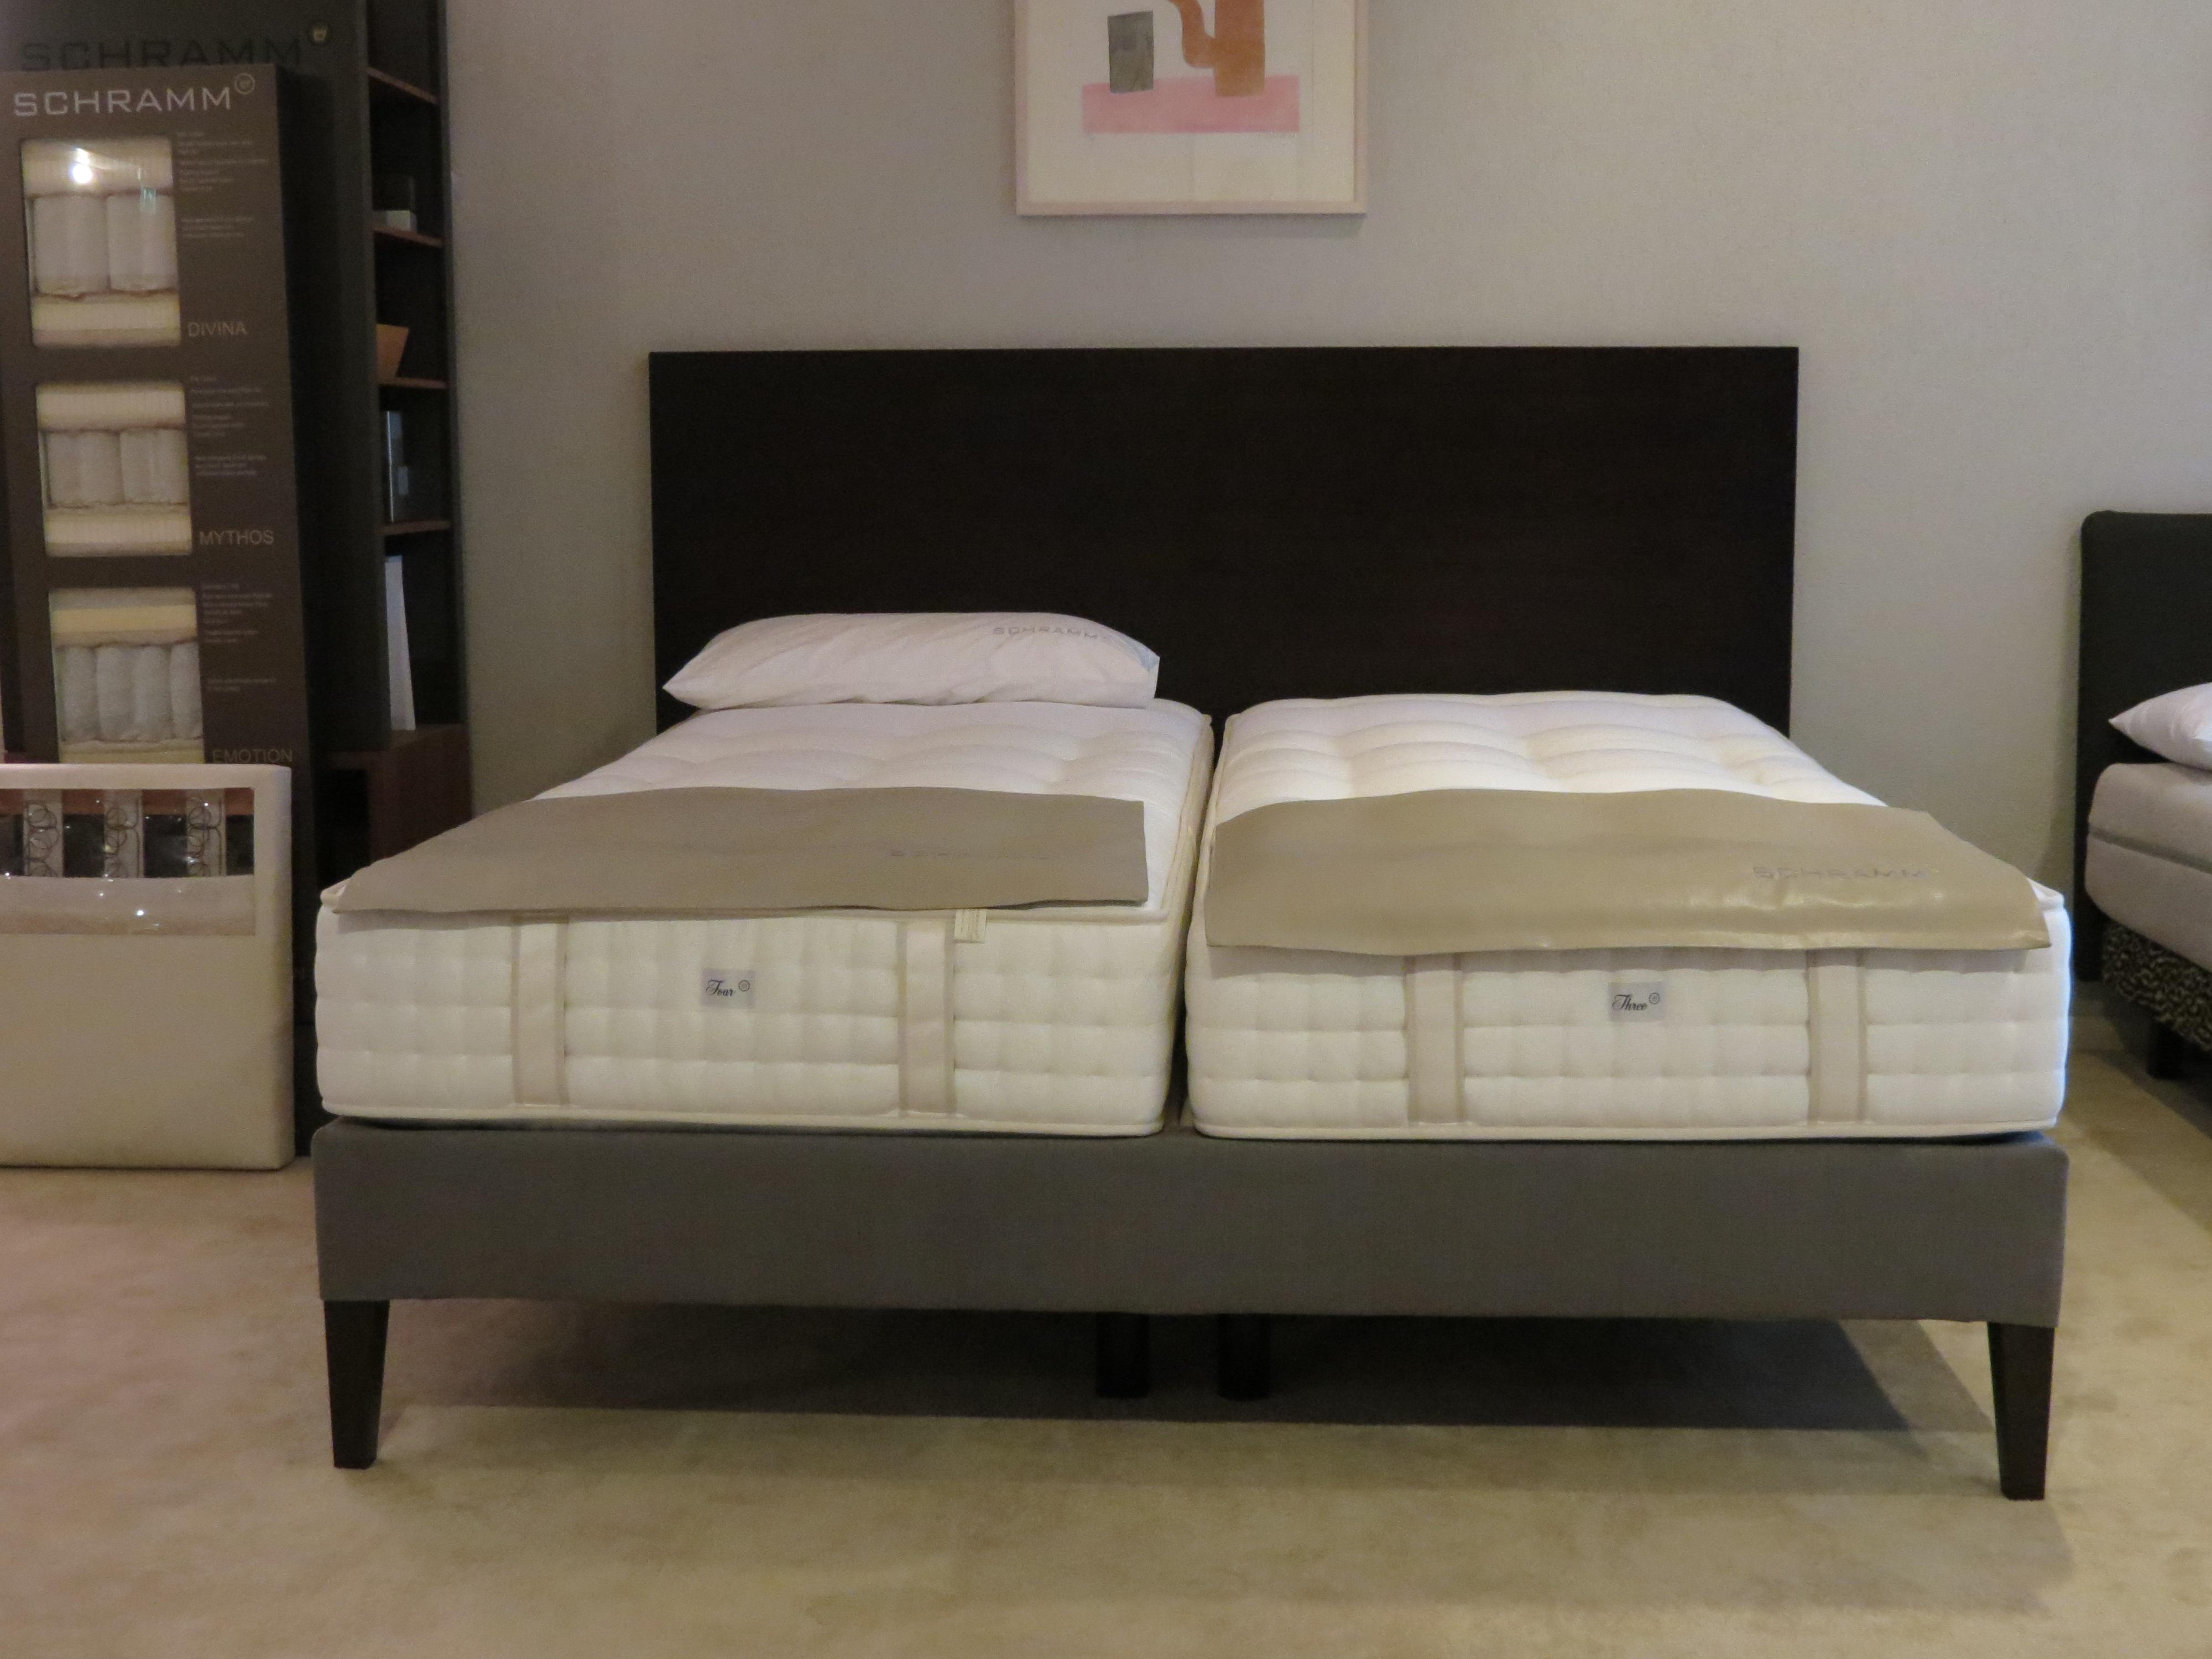 Schramm bed basis 18 180—200 stof taupe Nu voor 1995 van 3710